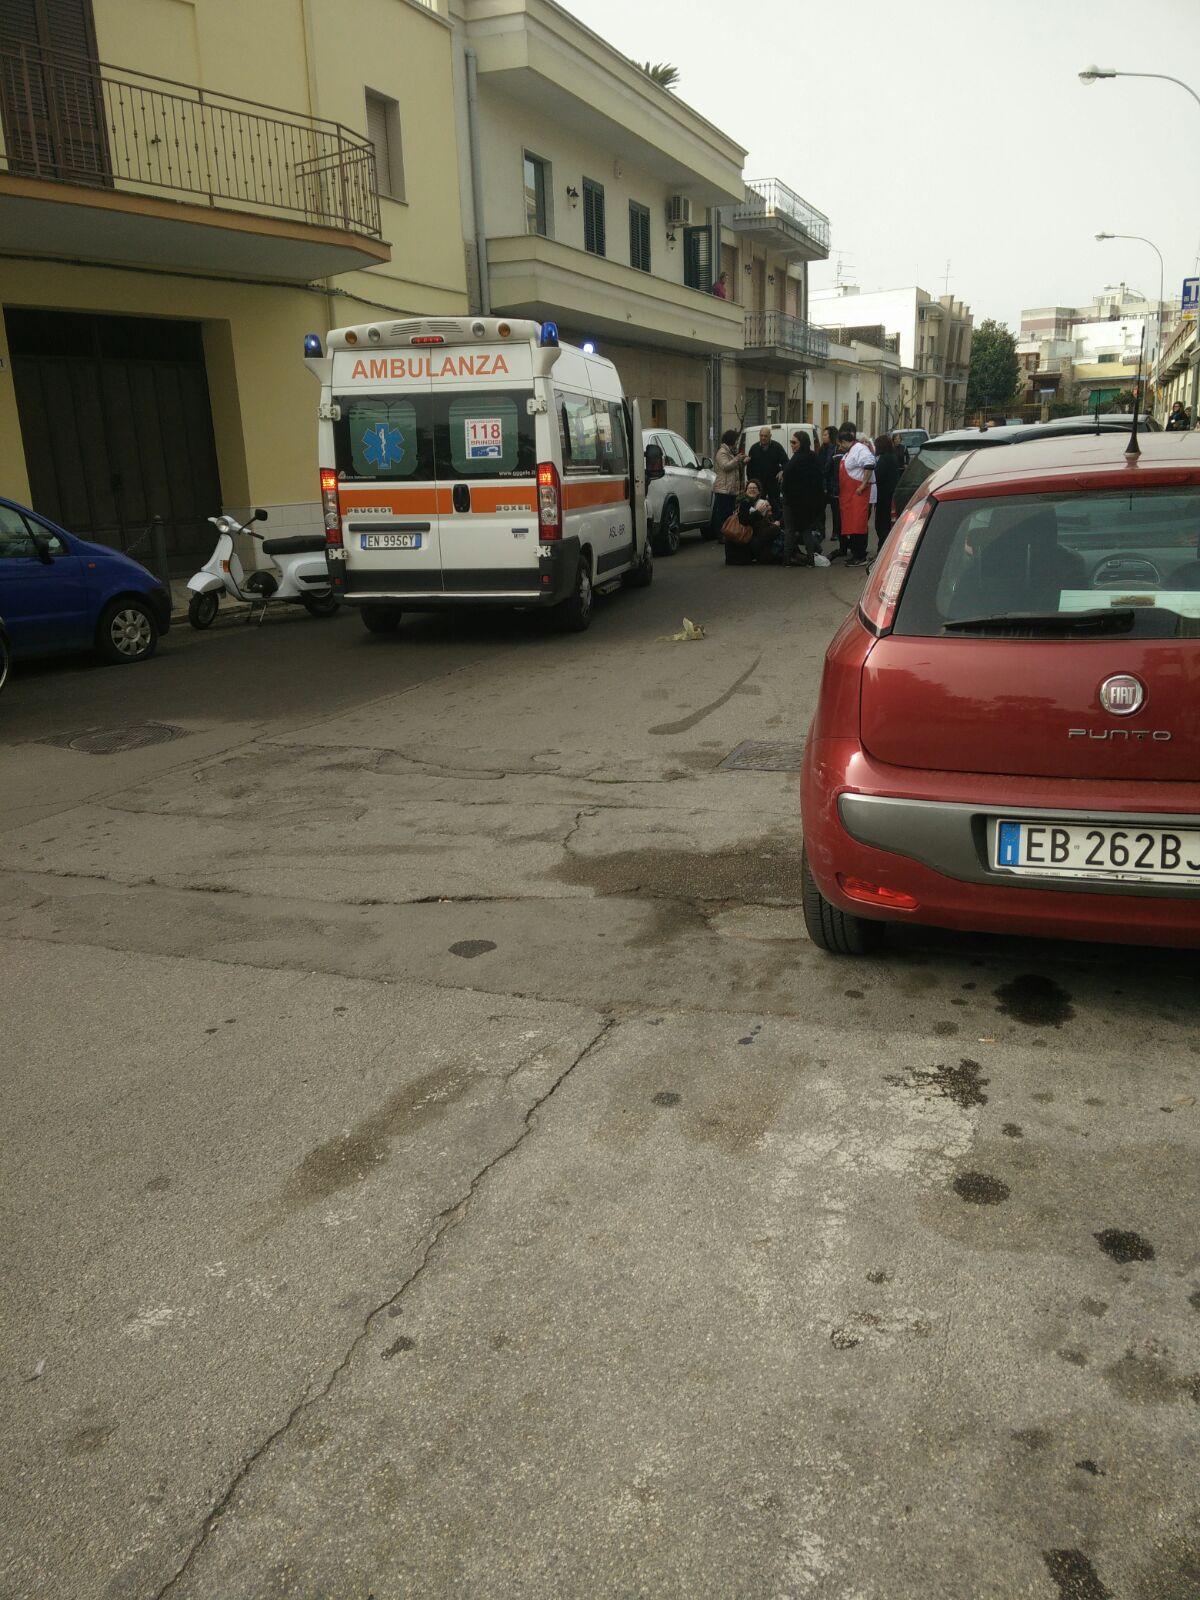 Anziana cade per strada, interviene ambulanza del 118